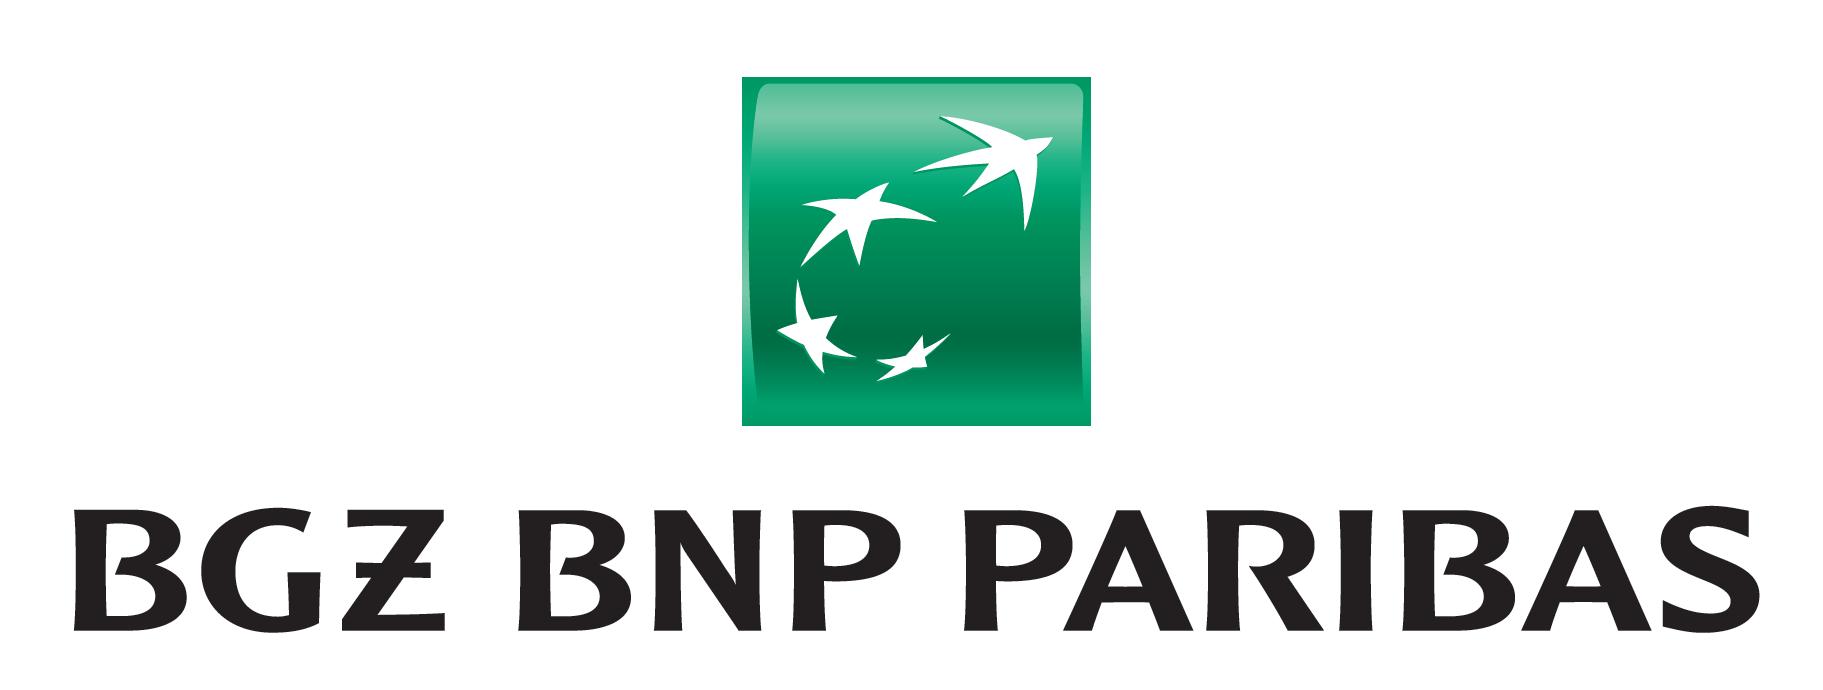 fortis bank polska - Bank BGŻ BNP Paribas SA -... zdjęcie 1